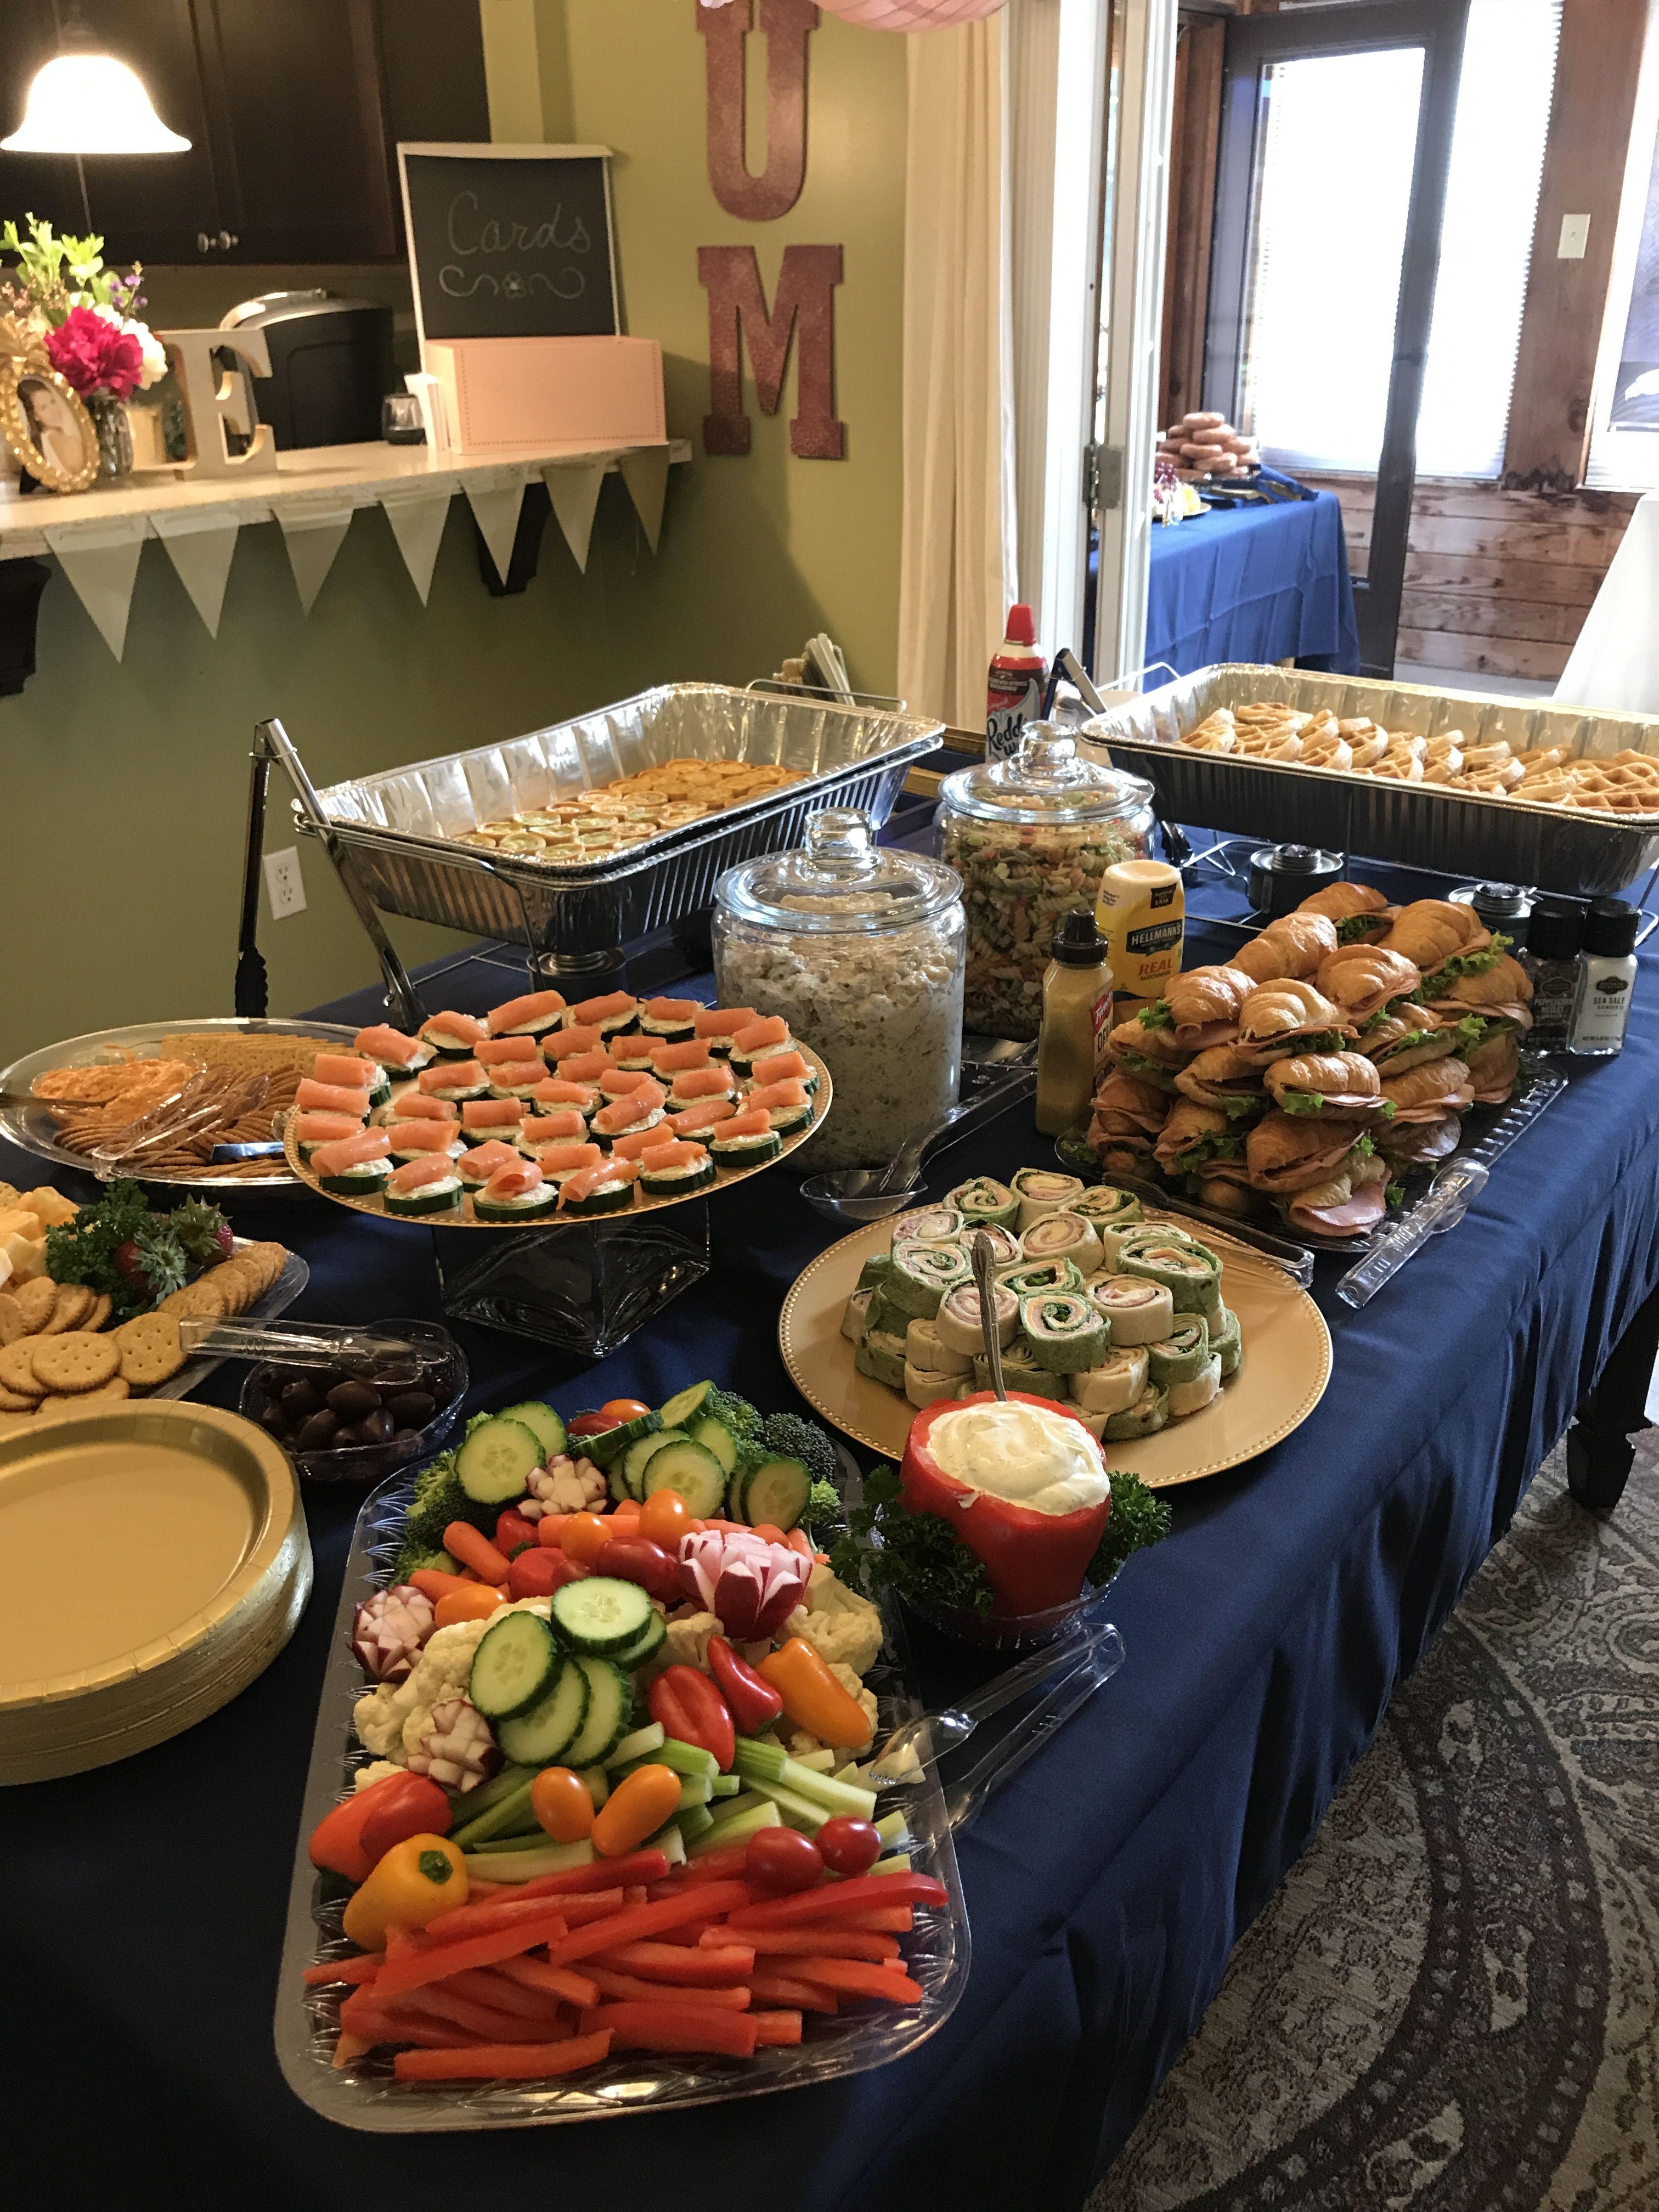 Grad Party Brunch | Grad parties, Brunch, Table decorations